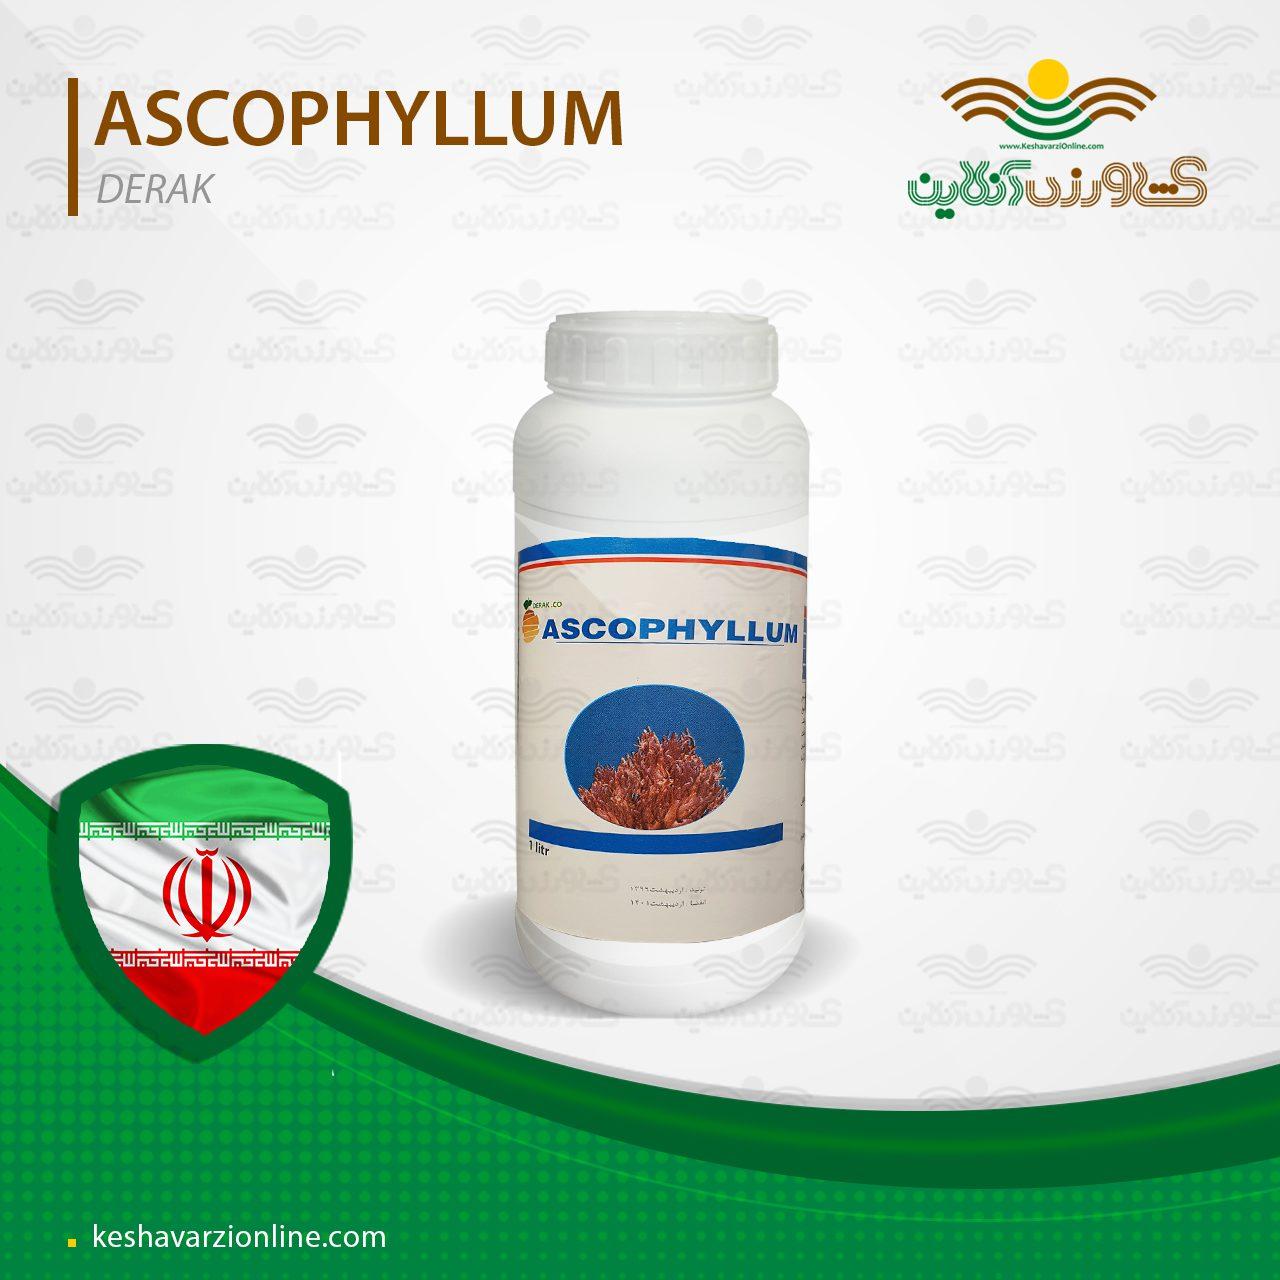 کود جلبک مایع اسکوفیلوم یک لیتری